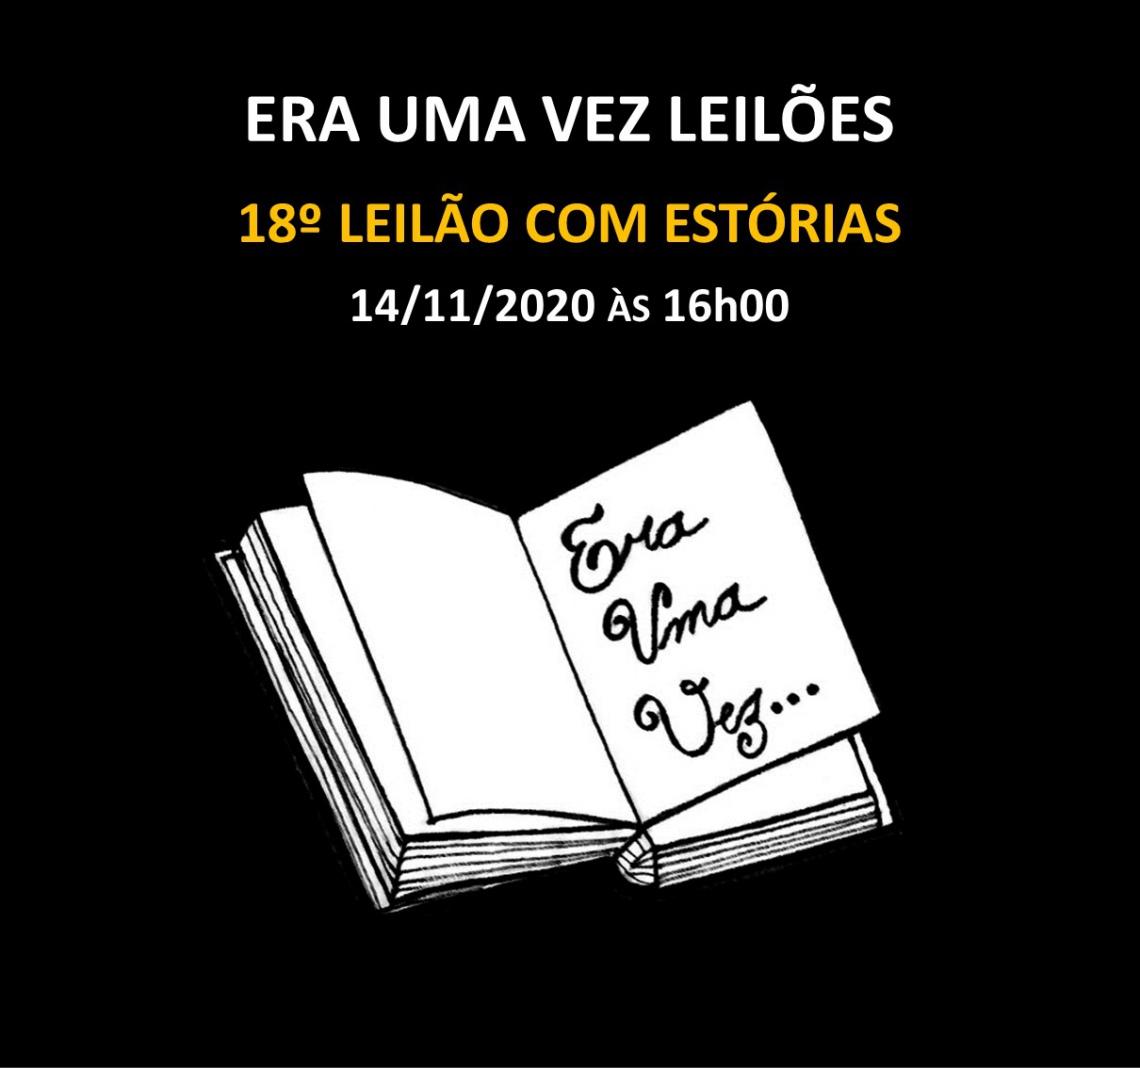 17º LEILÃO COM ESTÓRIAS E REMANESCENTES COM PREÇOS REDUZIDOS - 22/10/2020 às 16h00